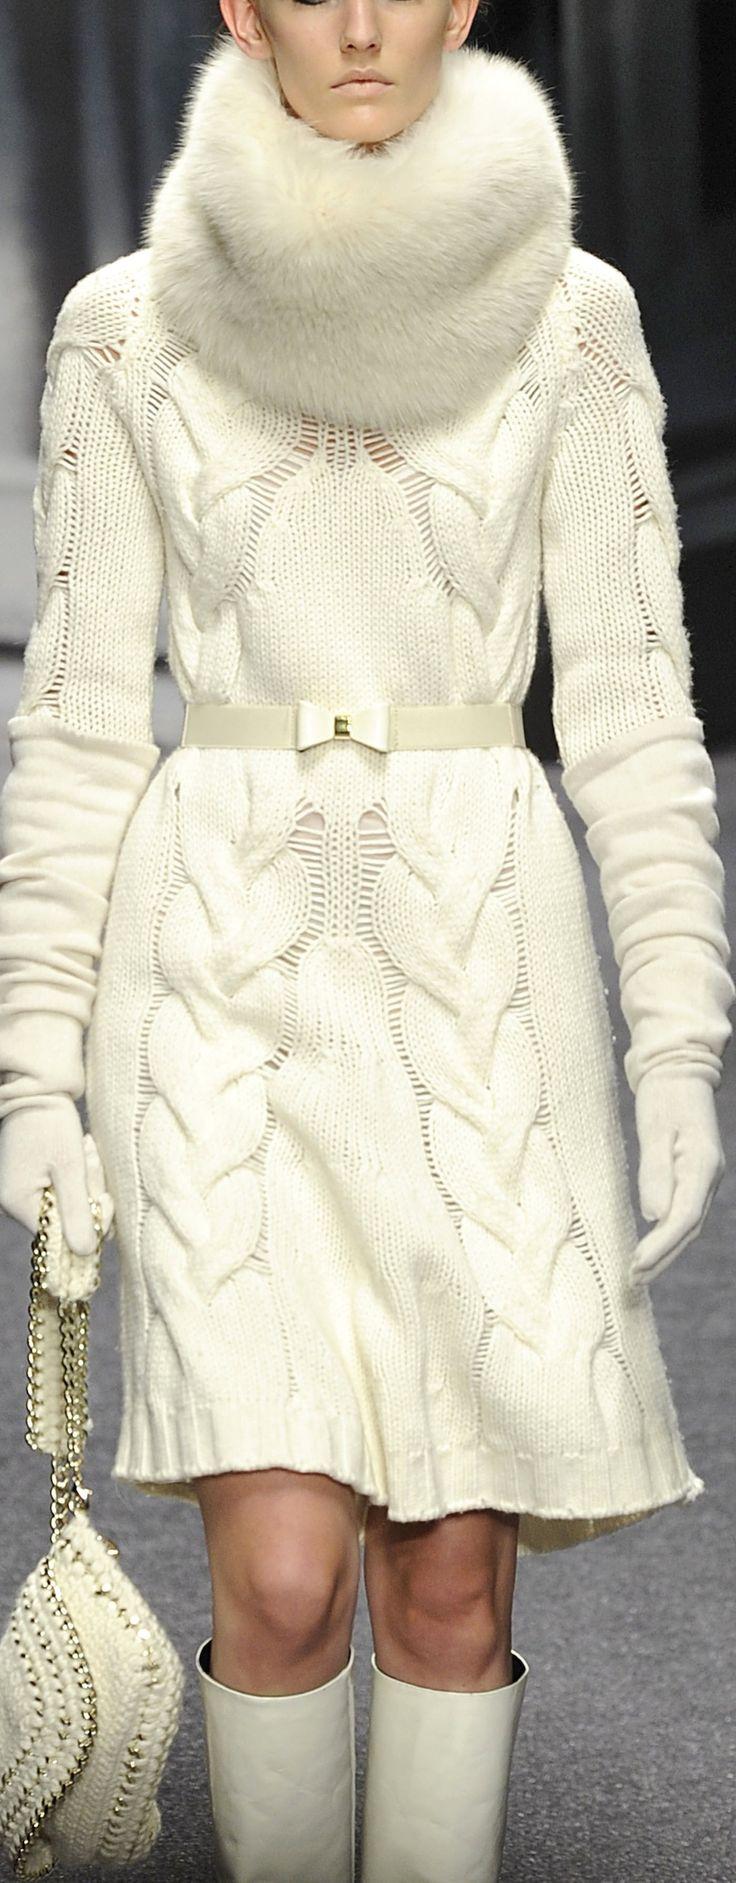 #Laura #Biagotti - #Milan #Fashion #Week - #FW13/14